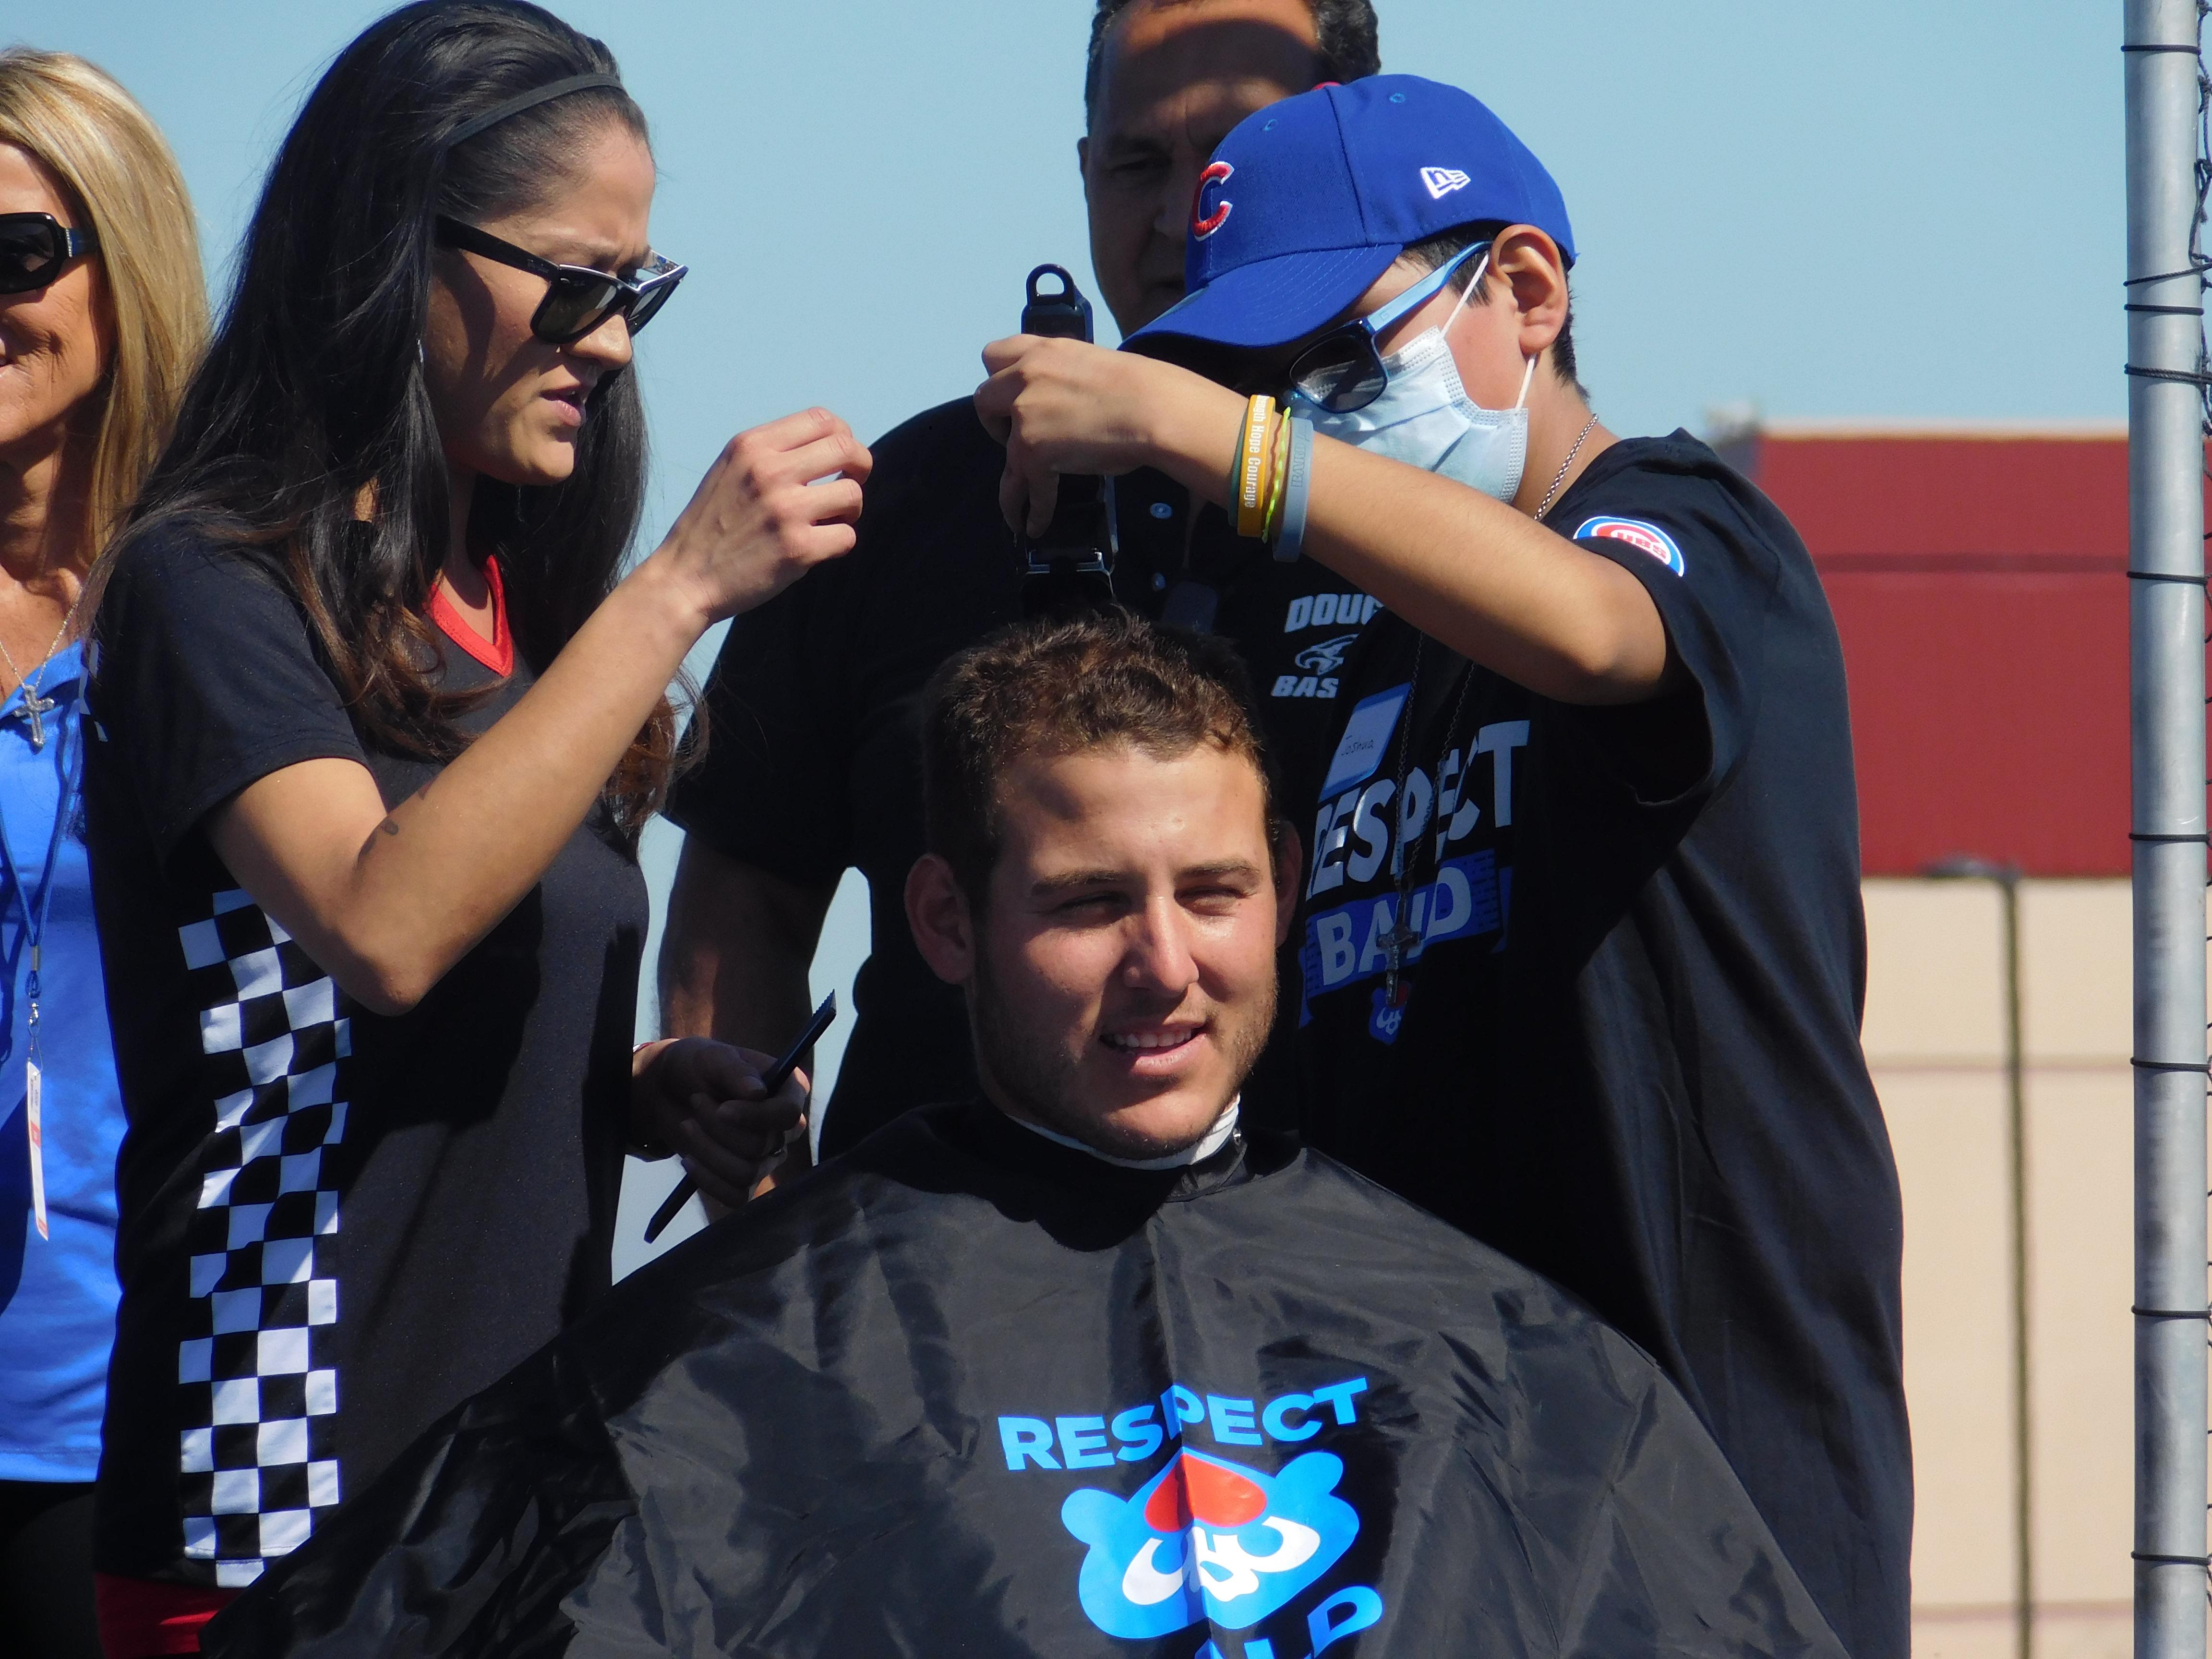 Tony rizzo head shaved you tube